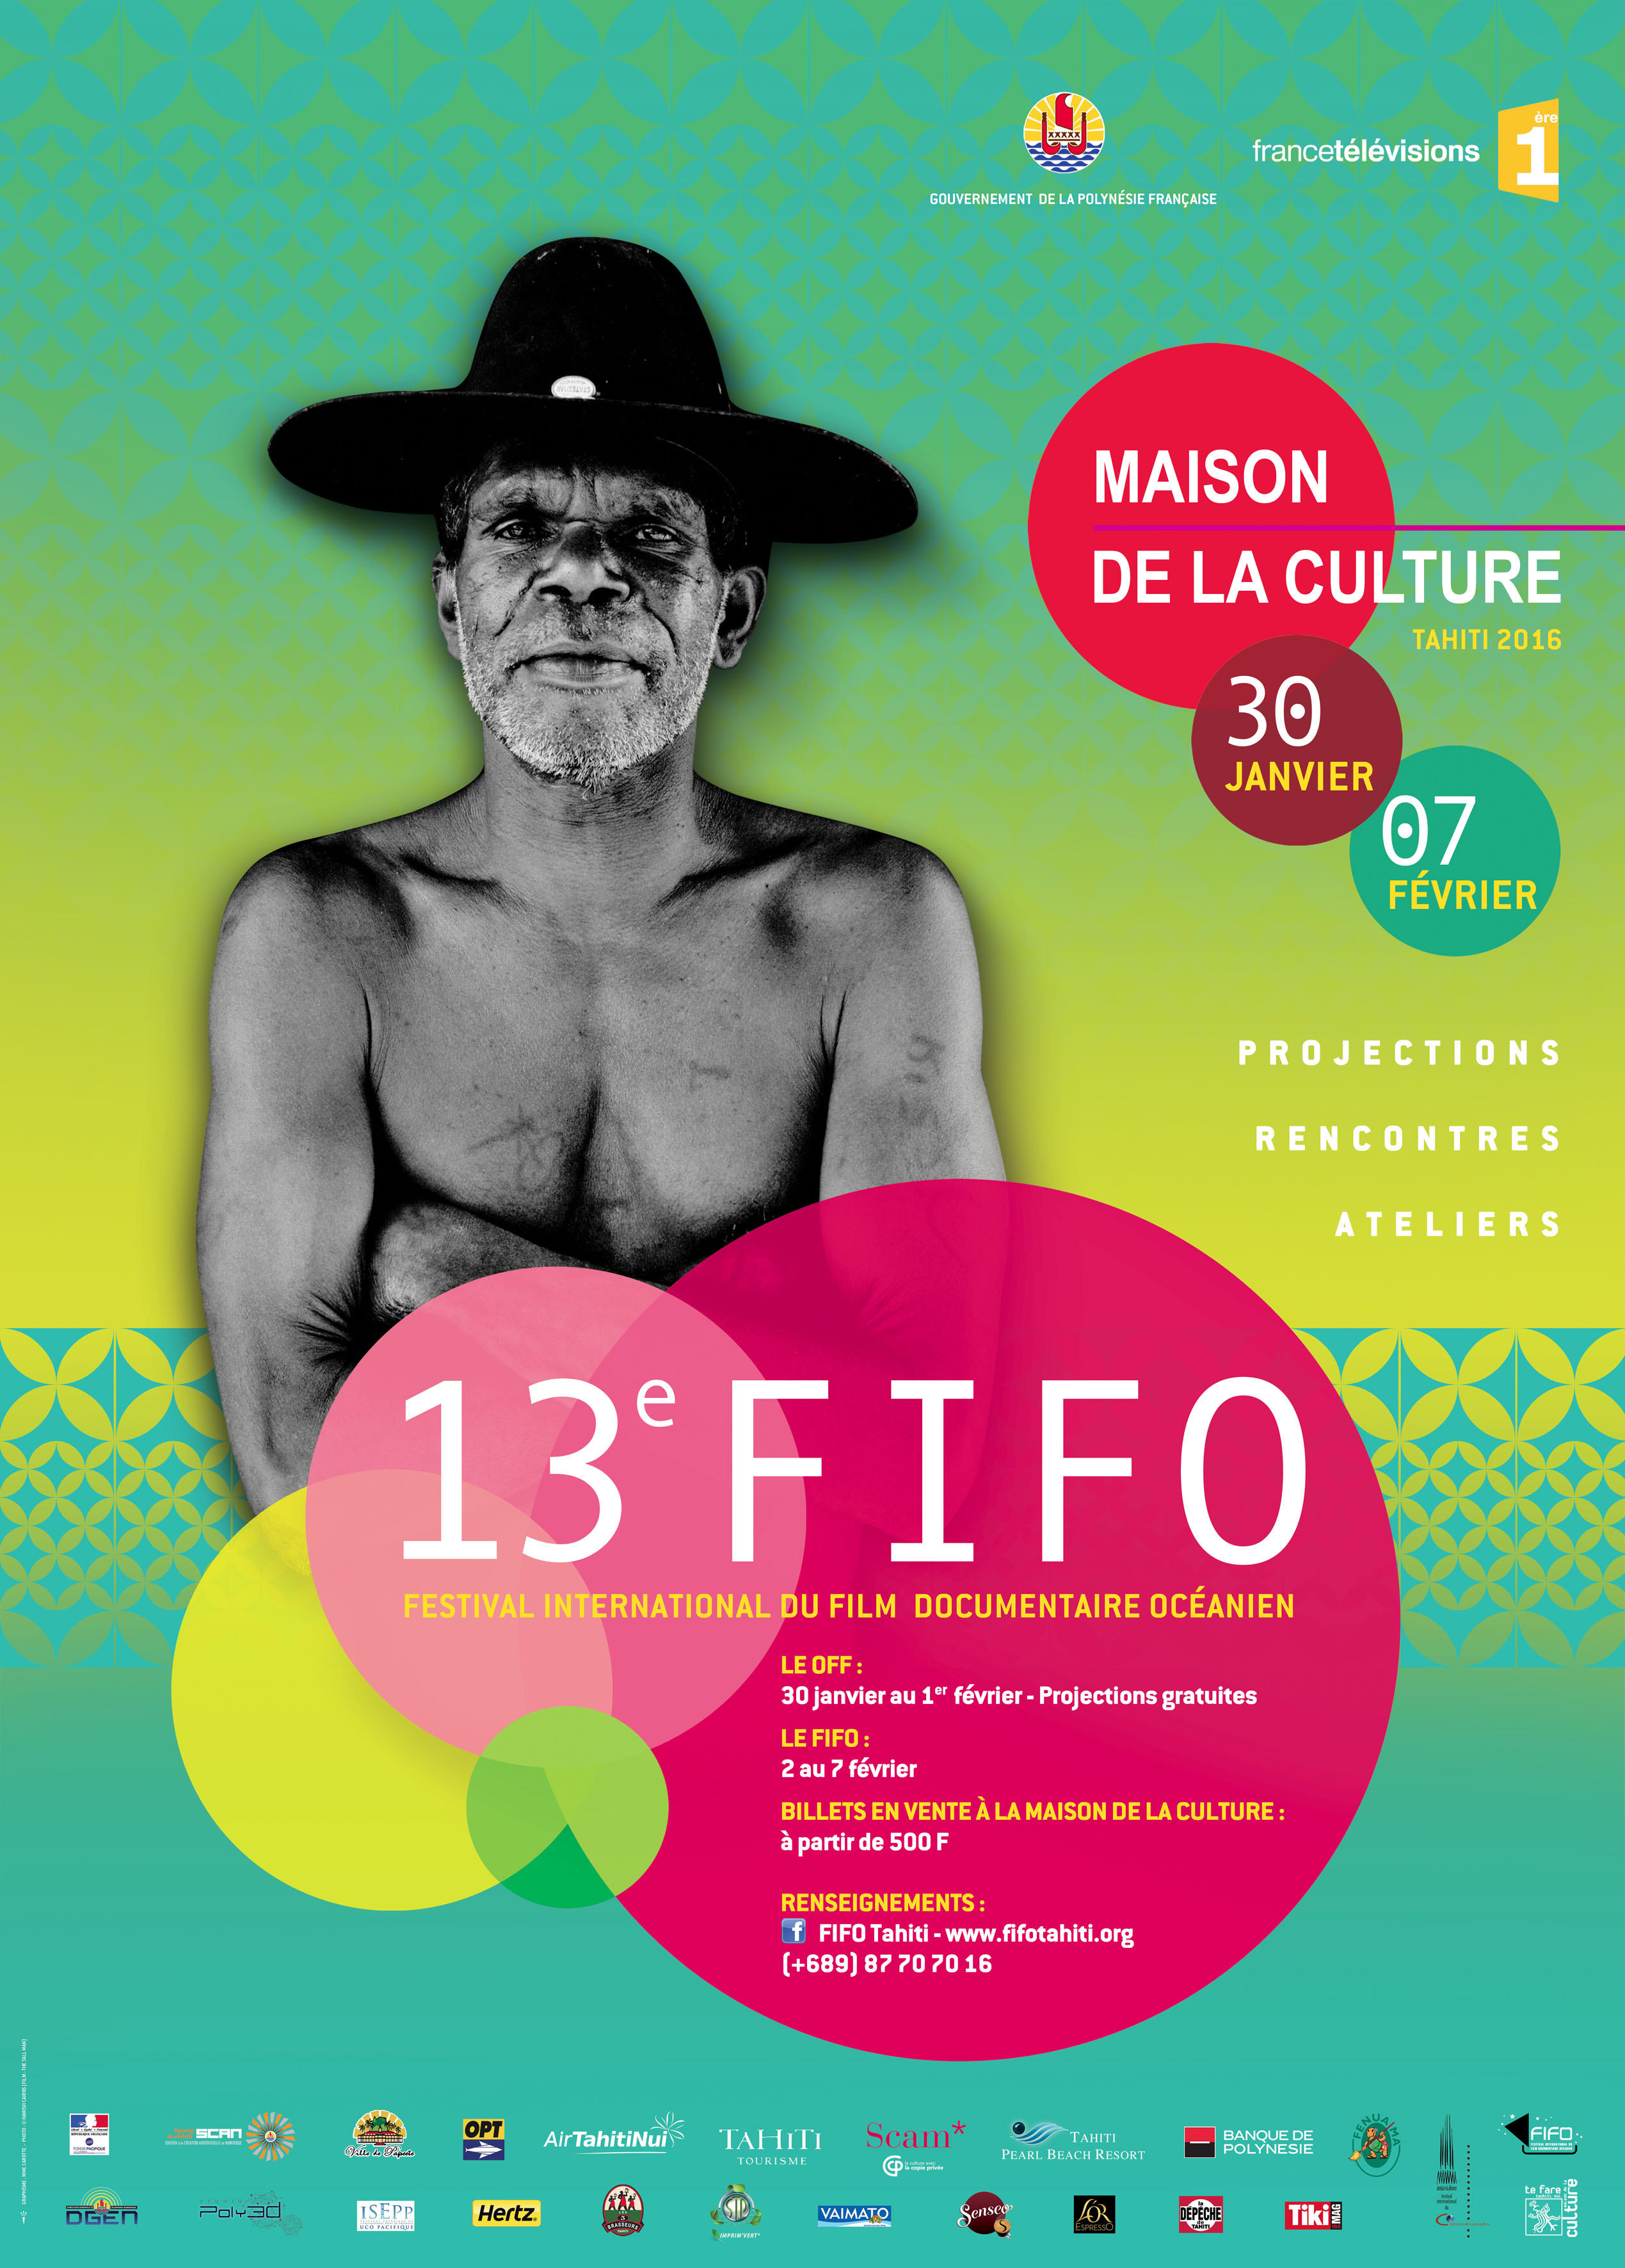 La famille Fifo vous accueille dans son village océanien du 30 janvier au 7 février